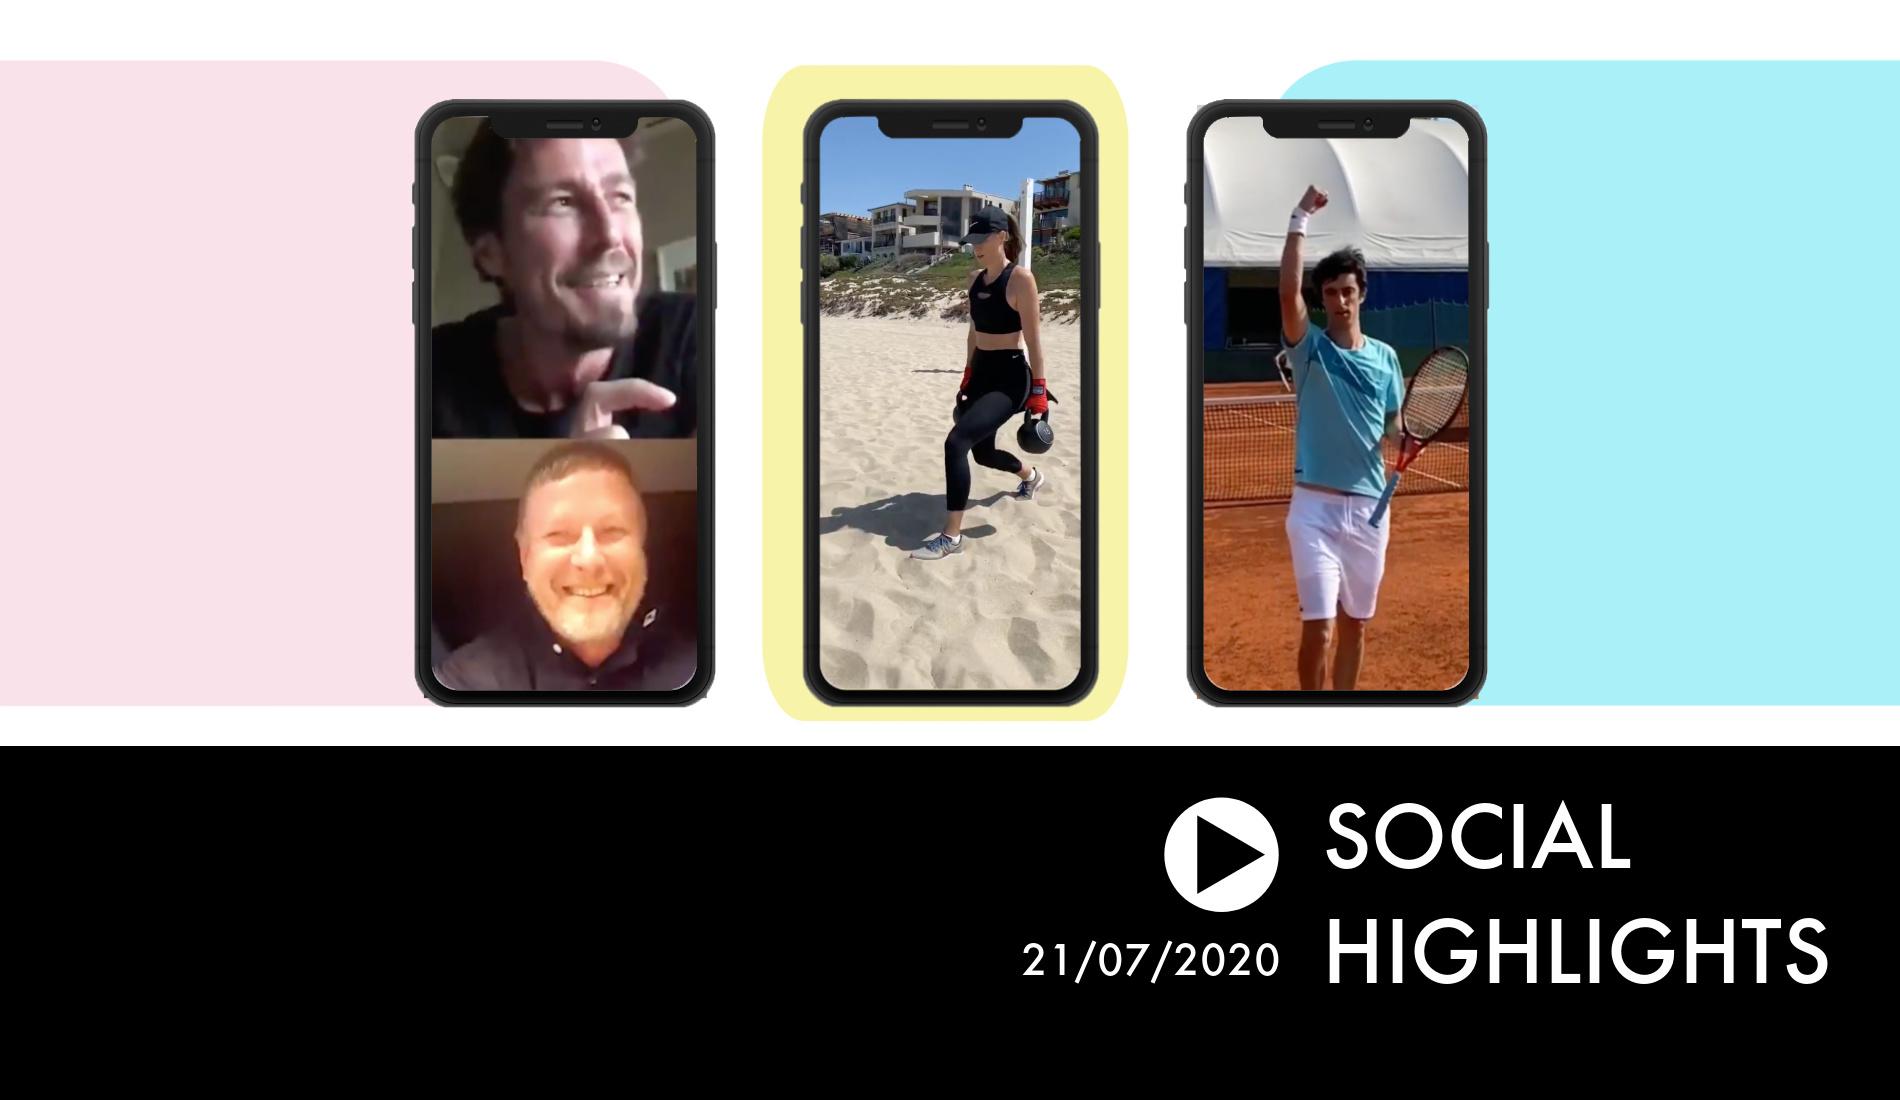 Social Highlights 21/07